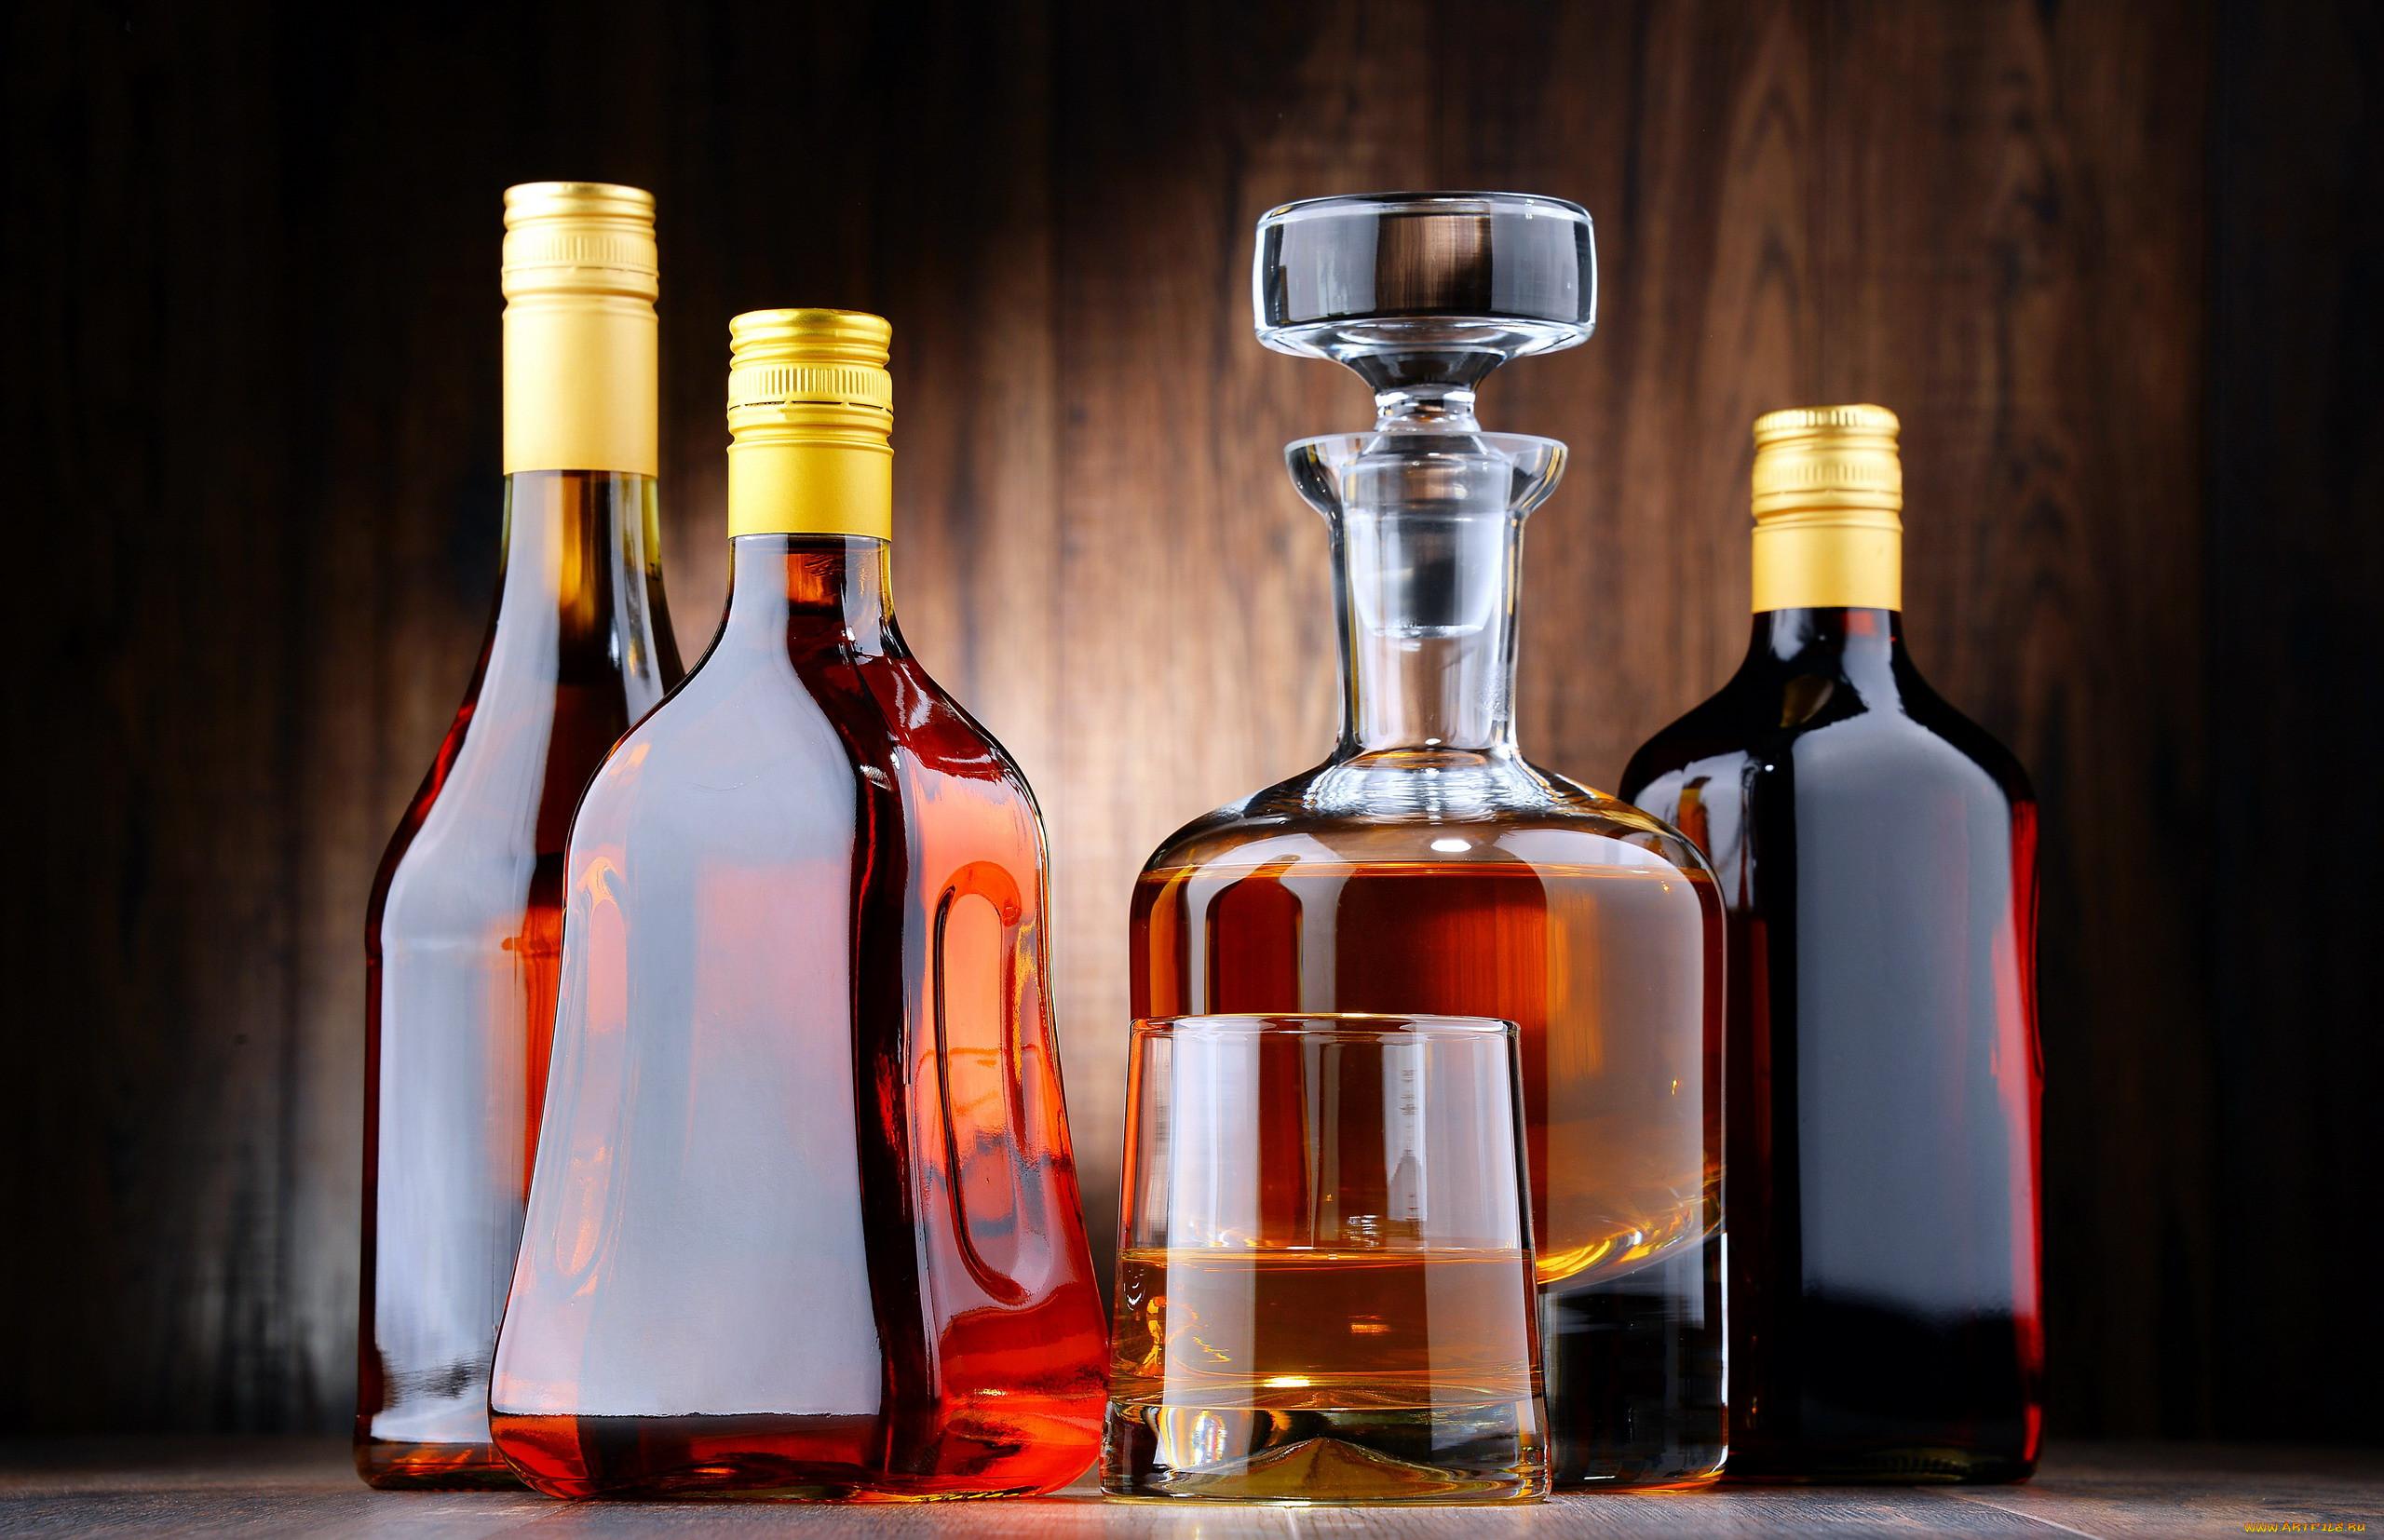 Открытка с алкогольными напитками